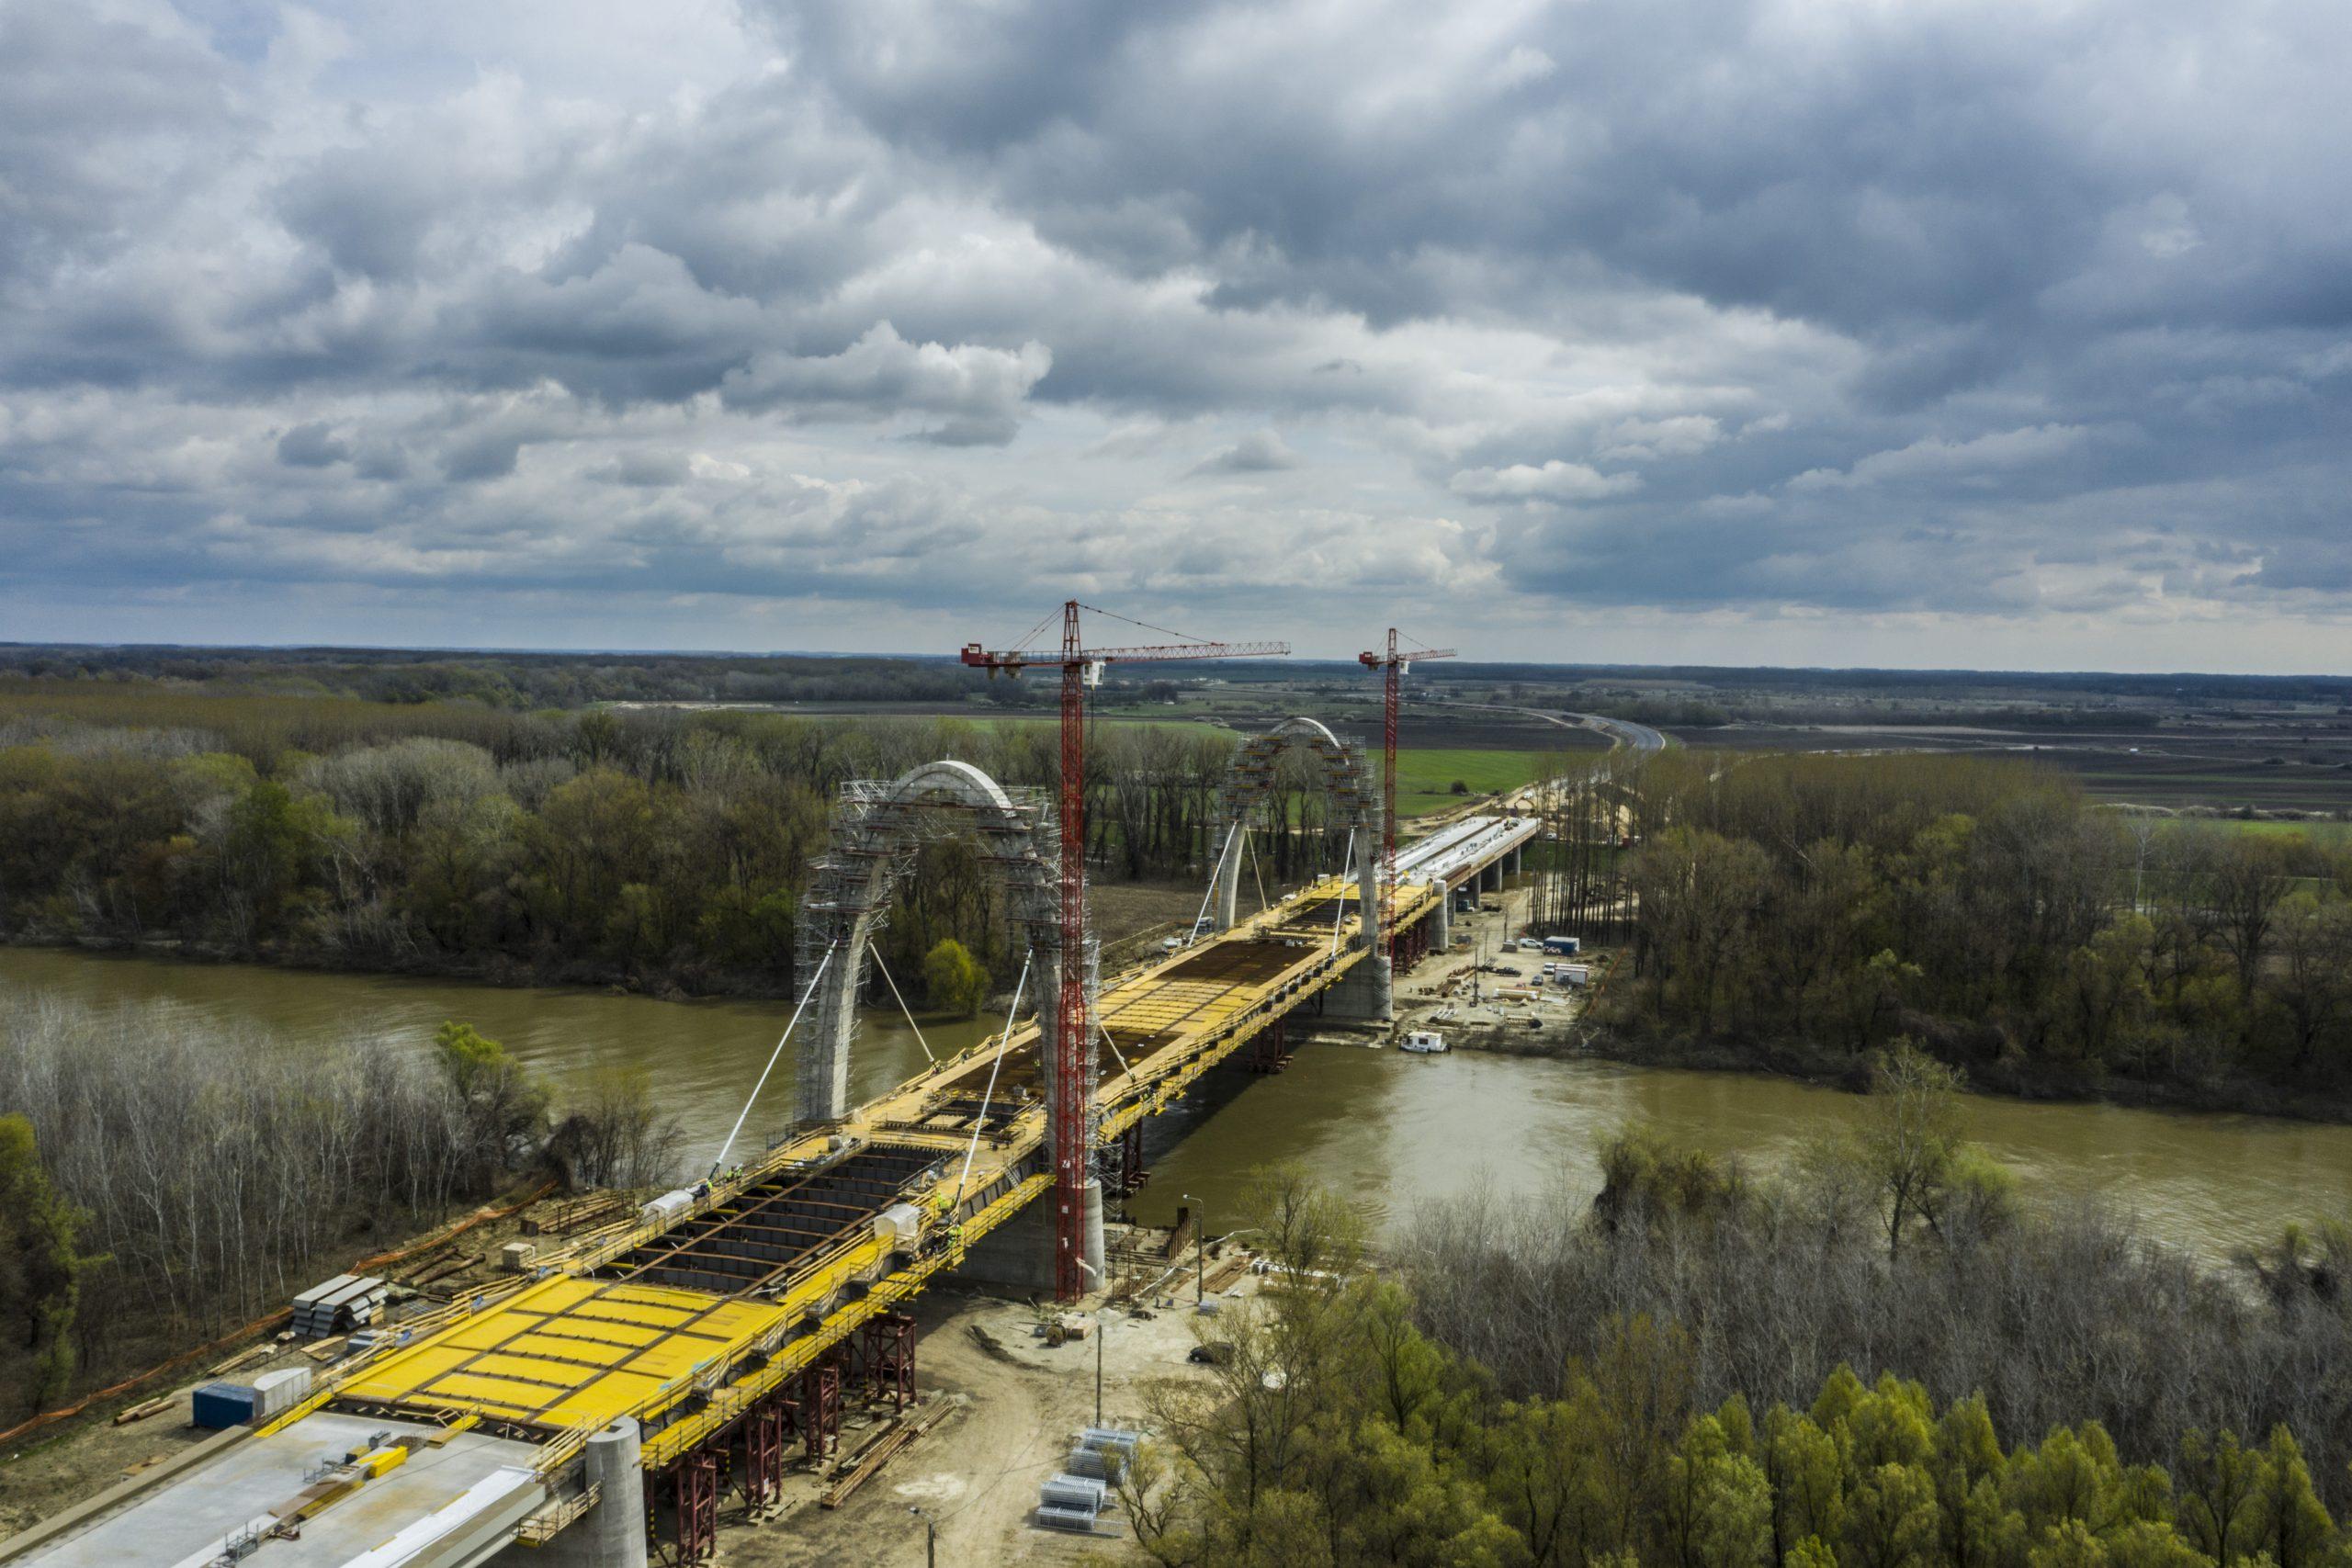 556 méter hosszú a híd a Tisza fölött